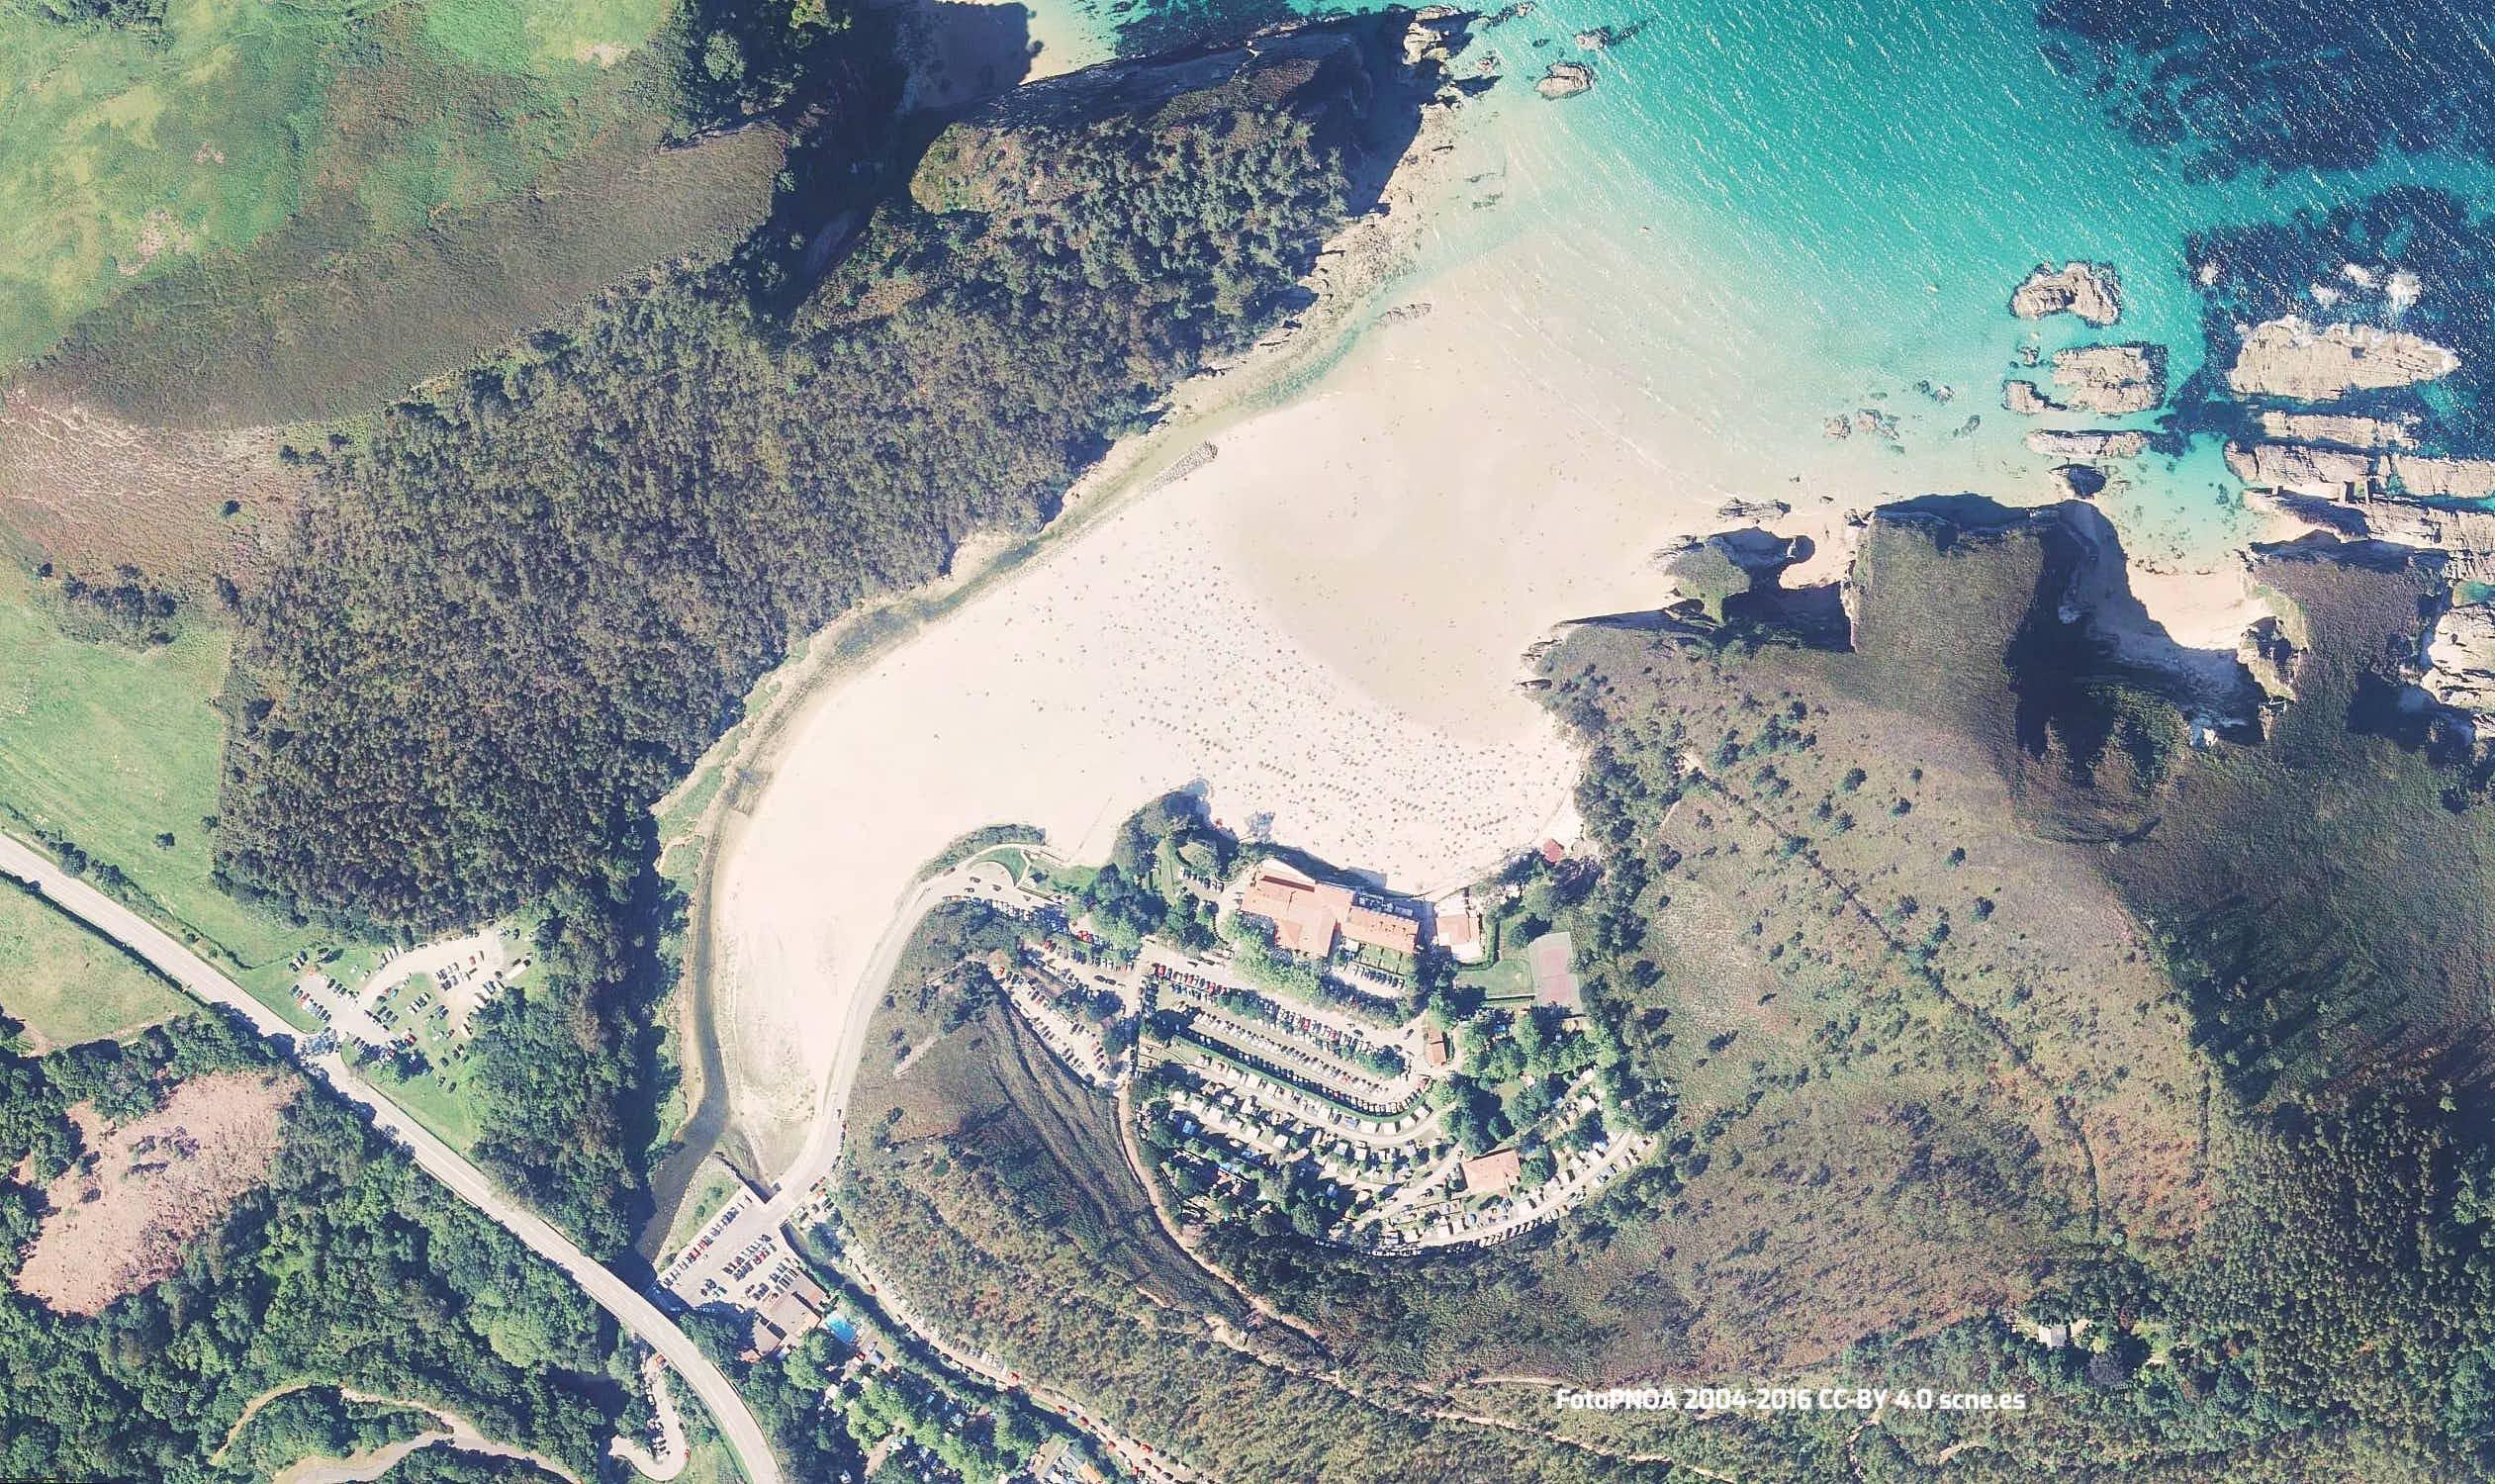 Vista aerea de la playa de La Franca en Llanes, Asturias